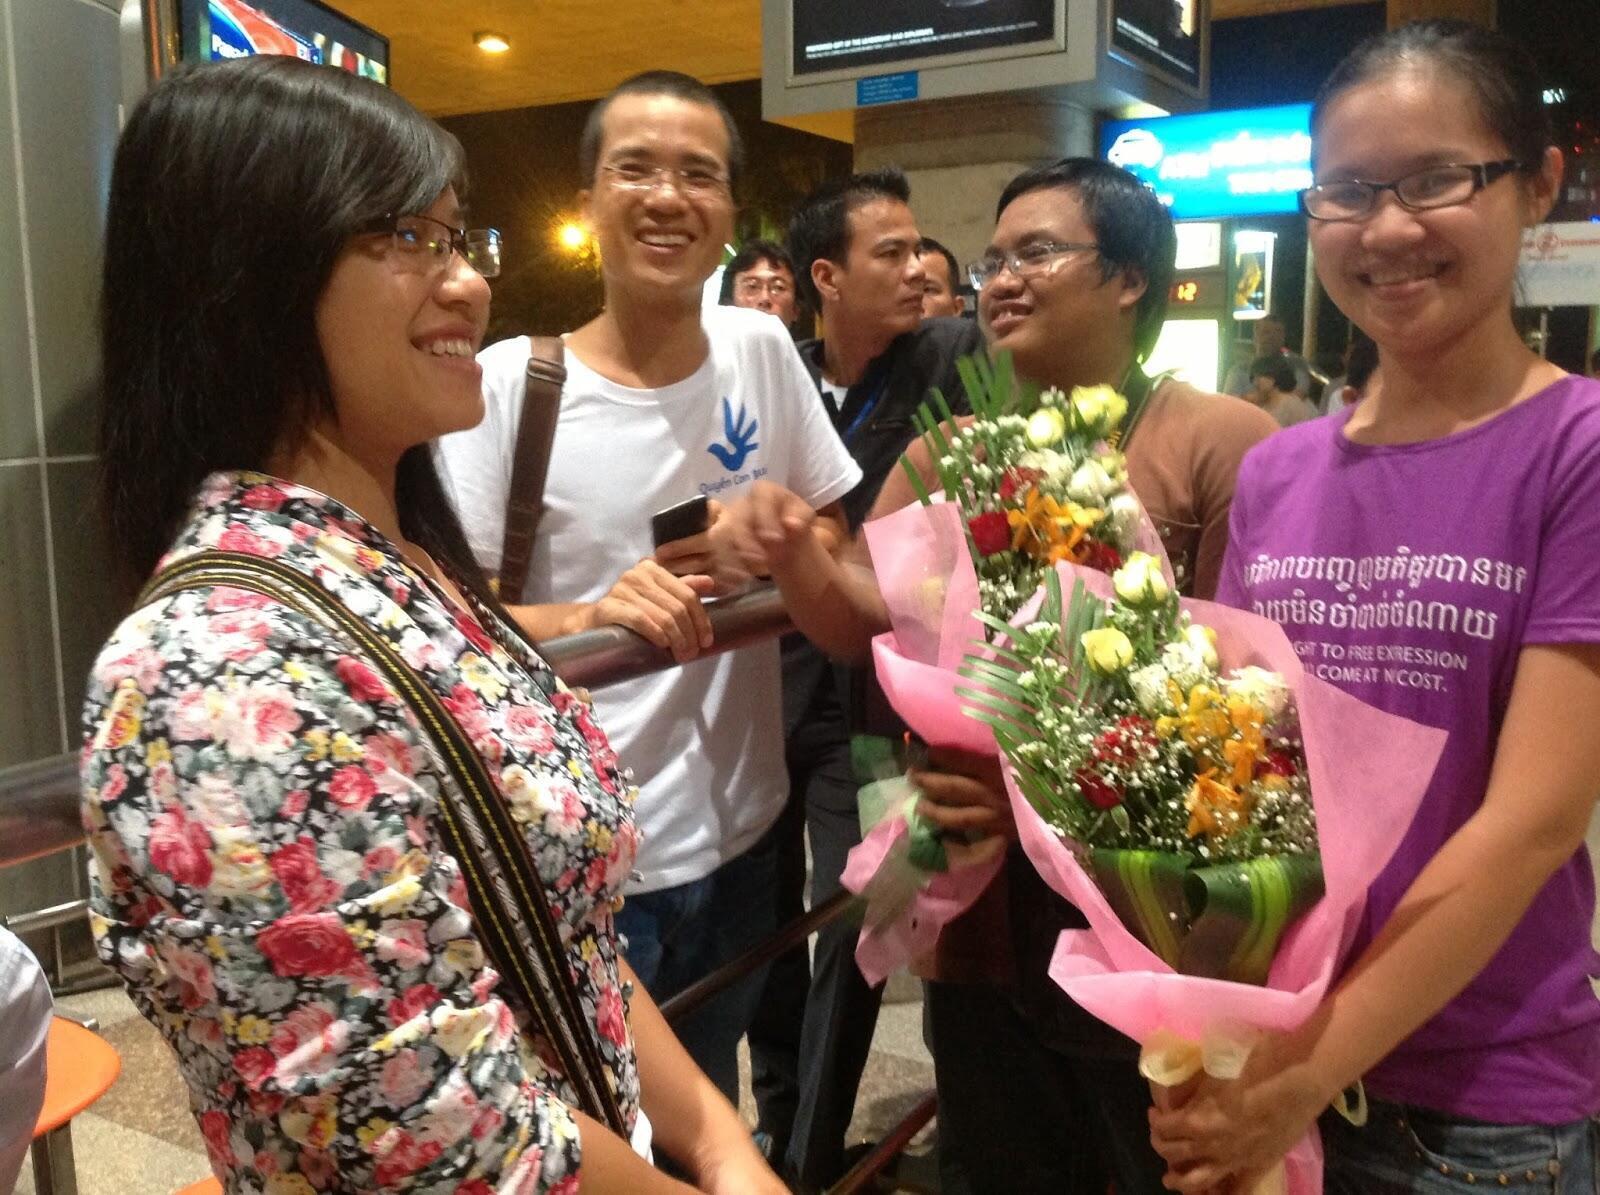 Hai blogger Nguyễn Nữ Phương Dung và Nguyễn Thảo Chi từ Bangkok trở về được đón tiếp tại phi trường Tân Sơn Nhất, ngày 05/08/2013